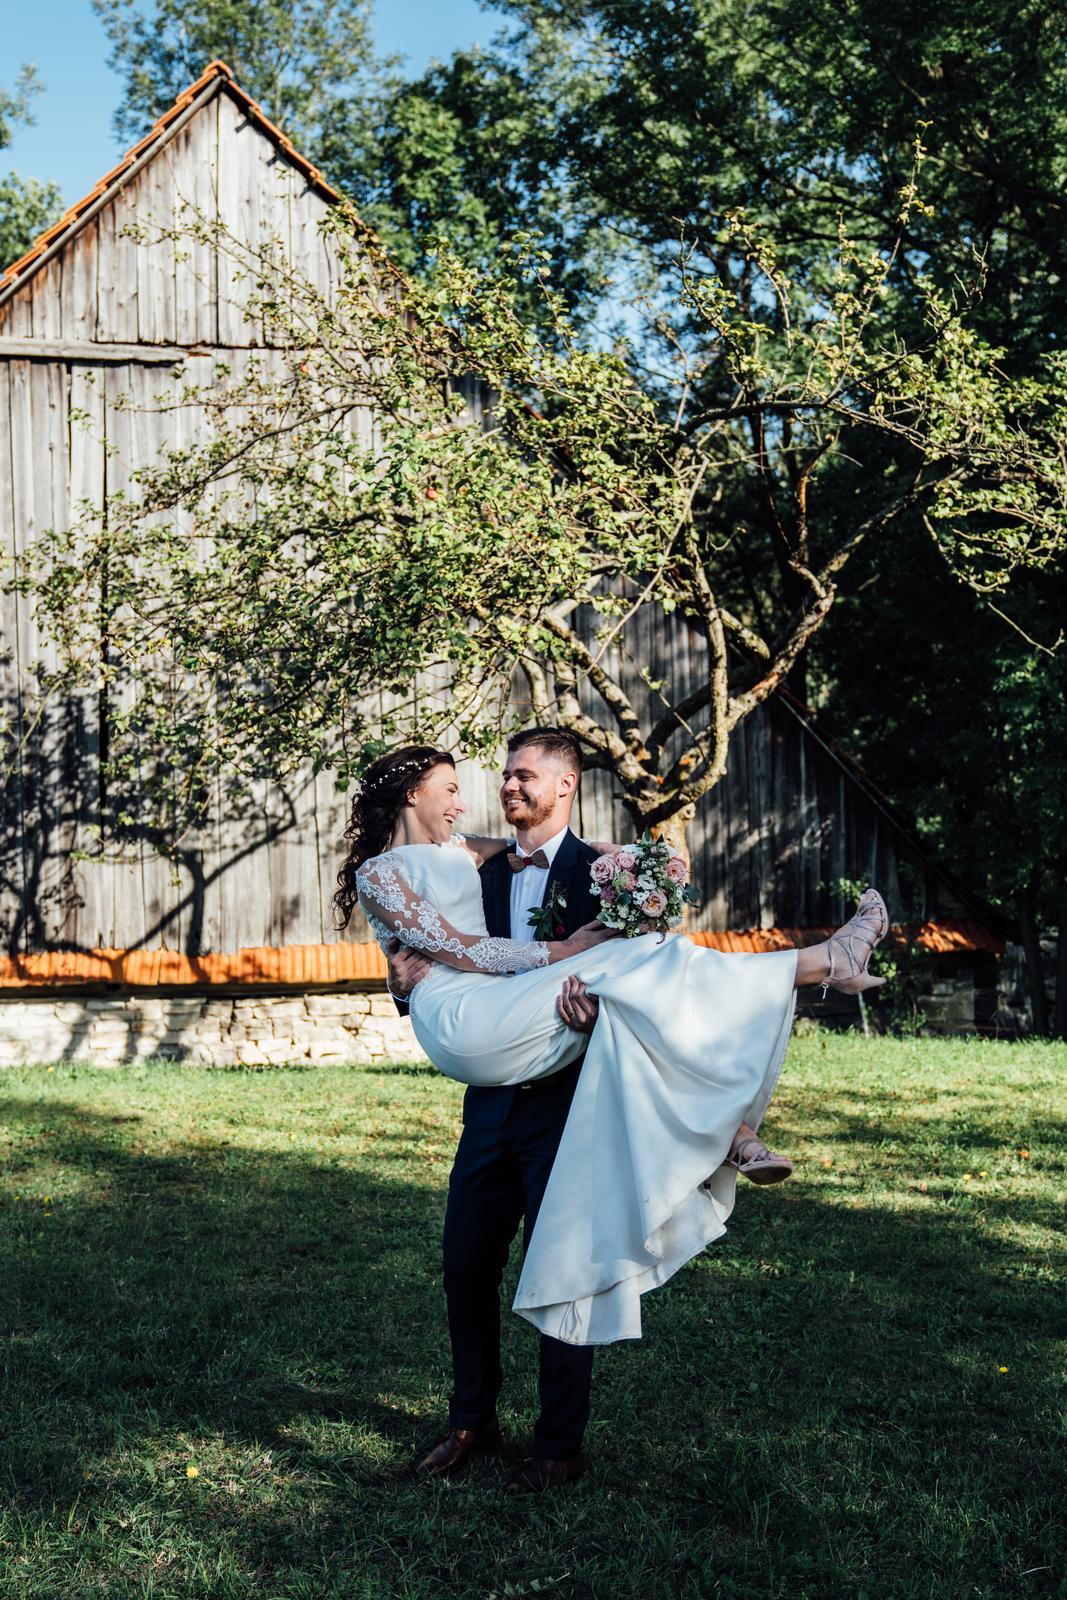 Kateřina & Tomáš (Podzimní svatba 2019) - Obrázek č. 24